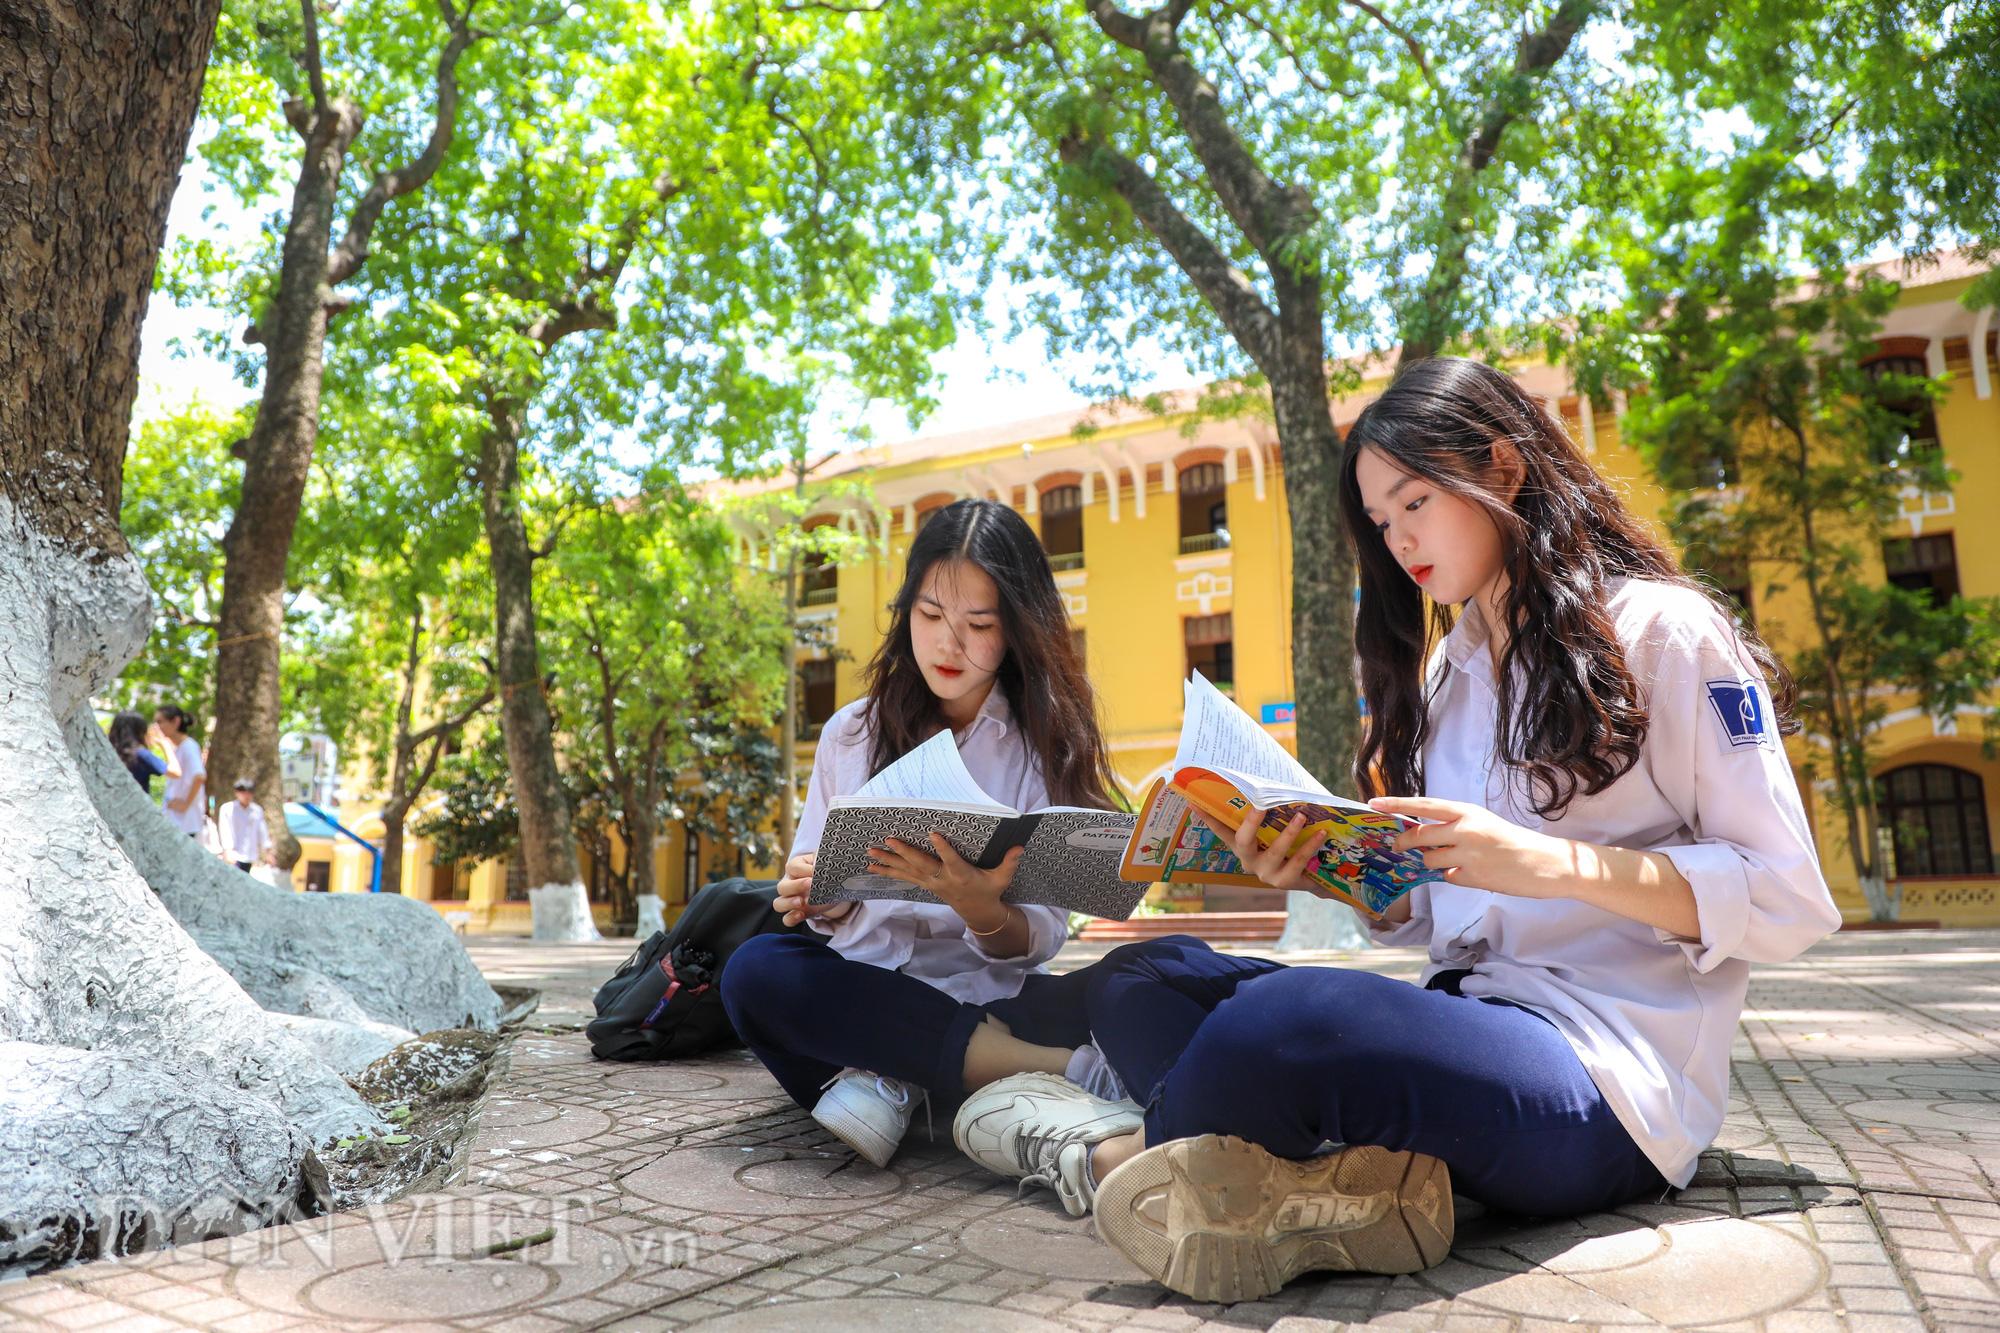 Học sinh Hà Nội không hề lo sợ dù ngồi giữa sân trường đầy cây cổ thụ - Ảnh 10.